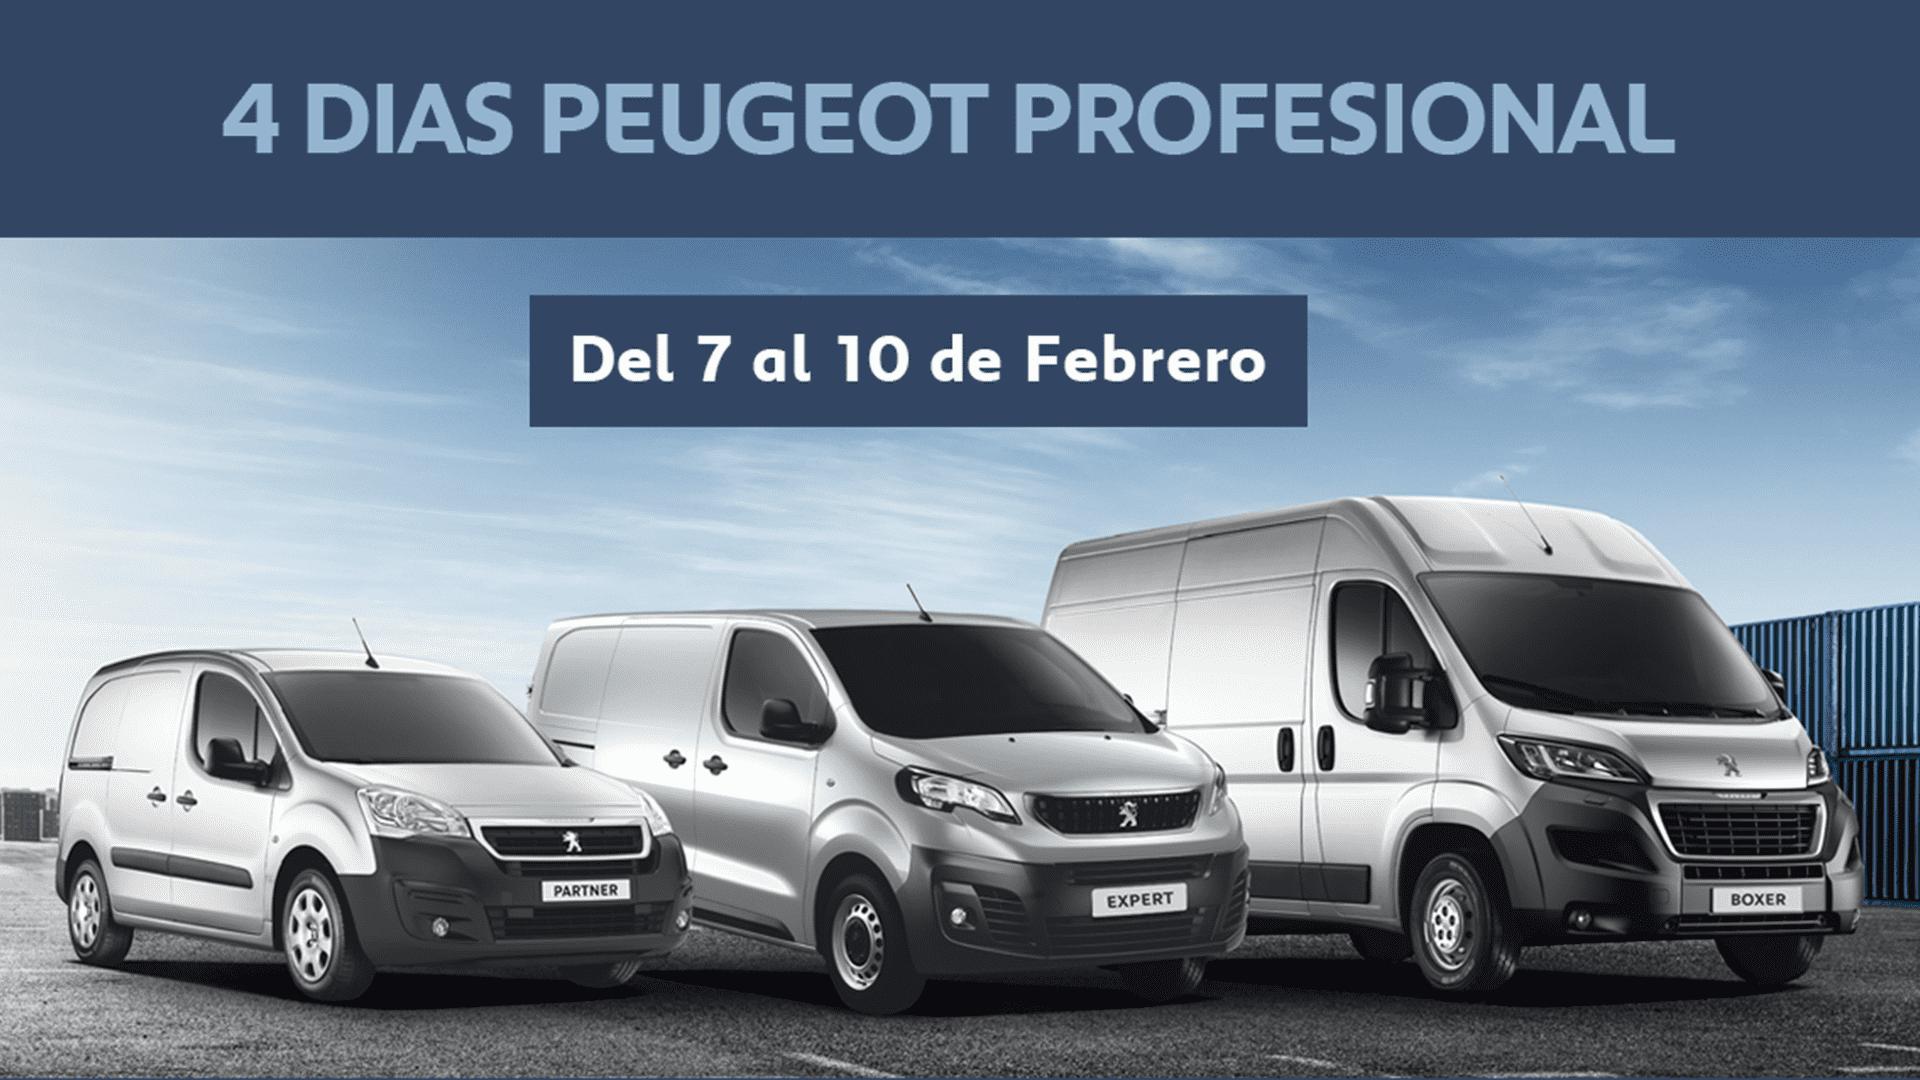 4 días Peugeot Profesional: nuestro único interés es tu negocio